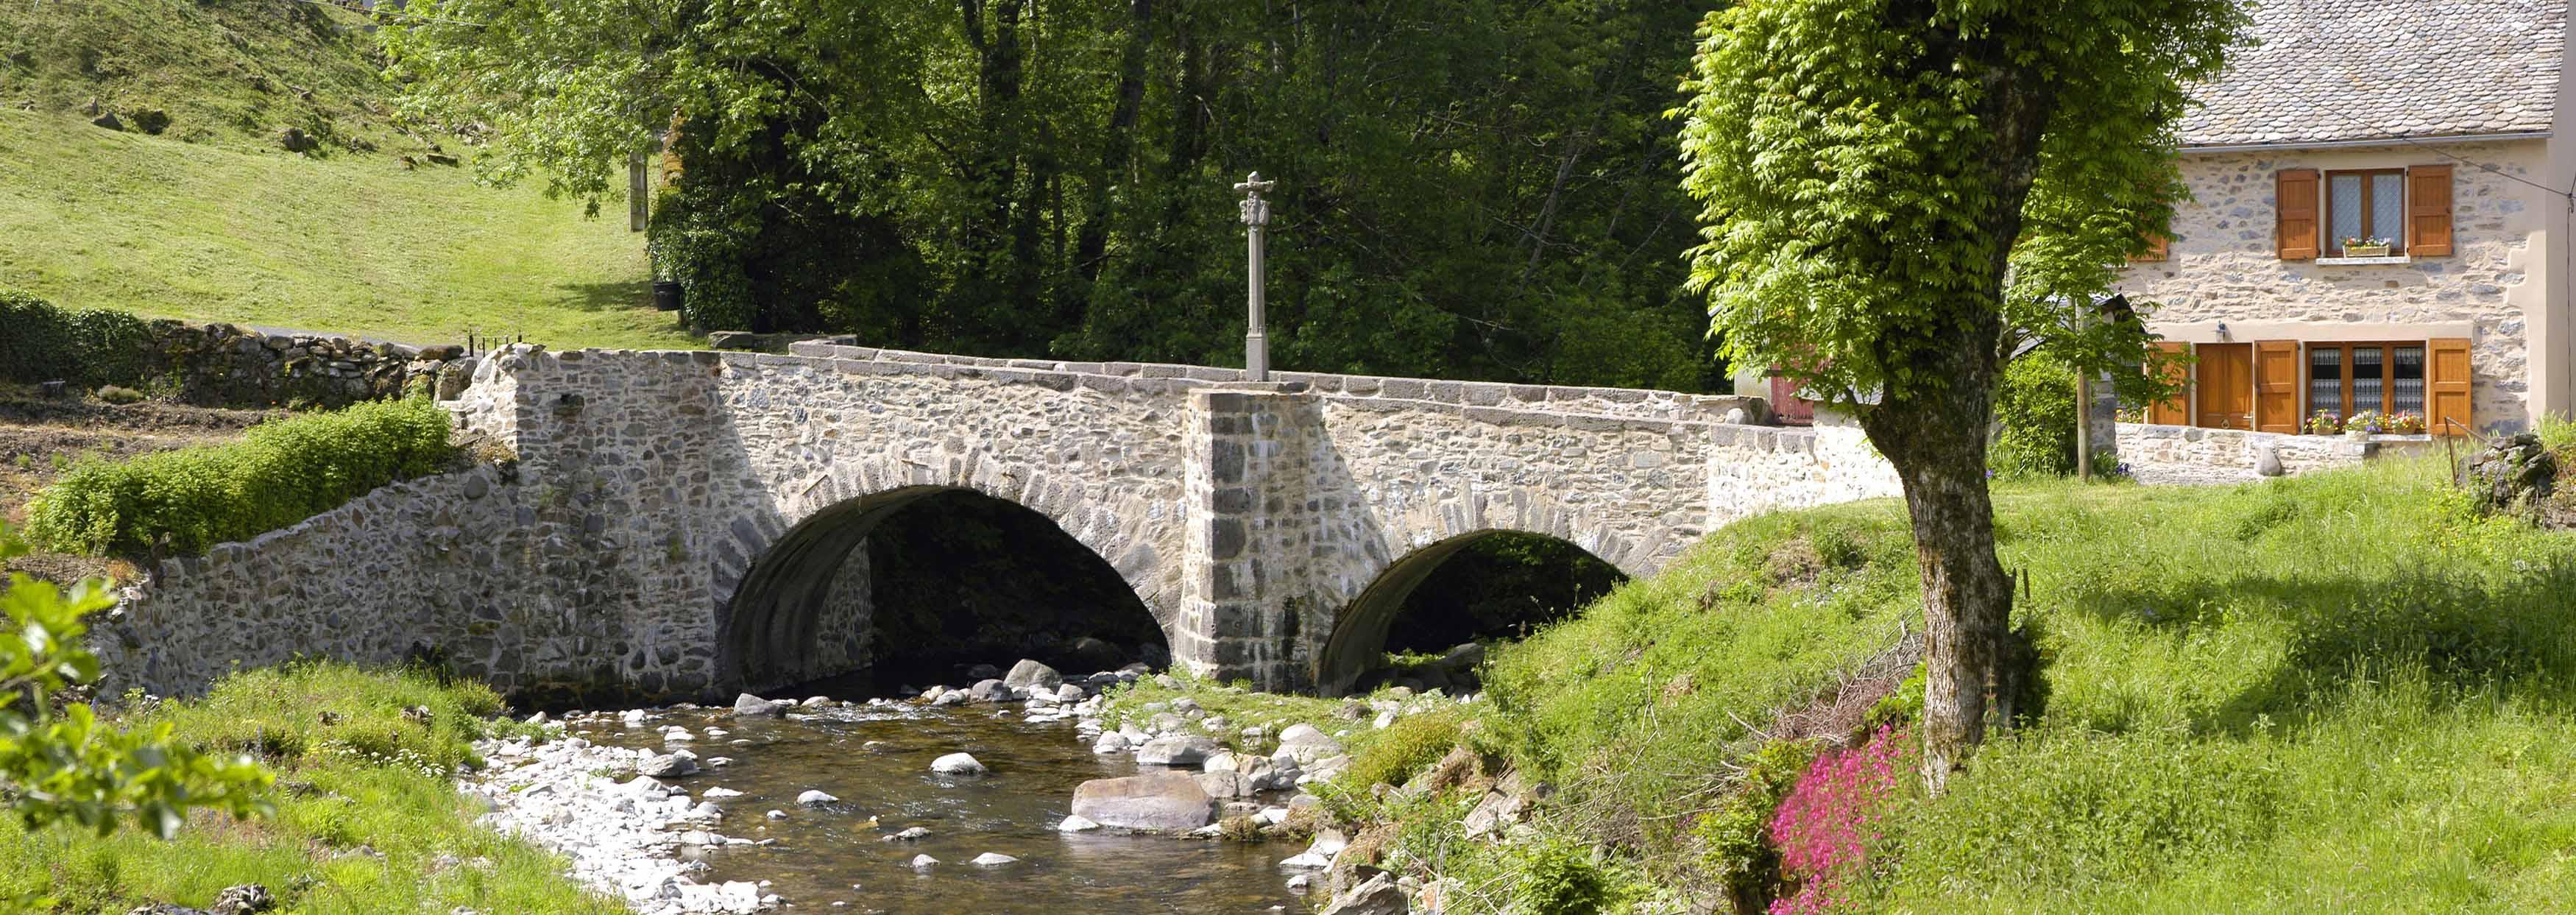 Le pont des pèlerins, classé au patrimoine mondial de l'UNESCO